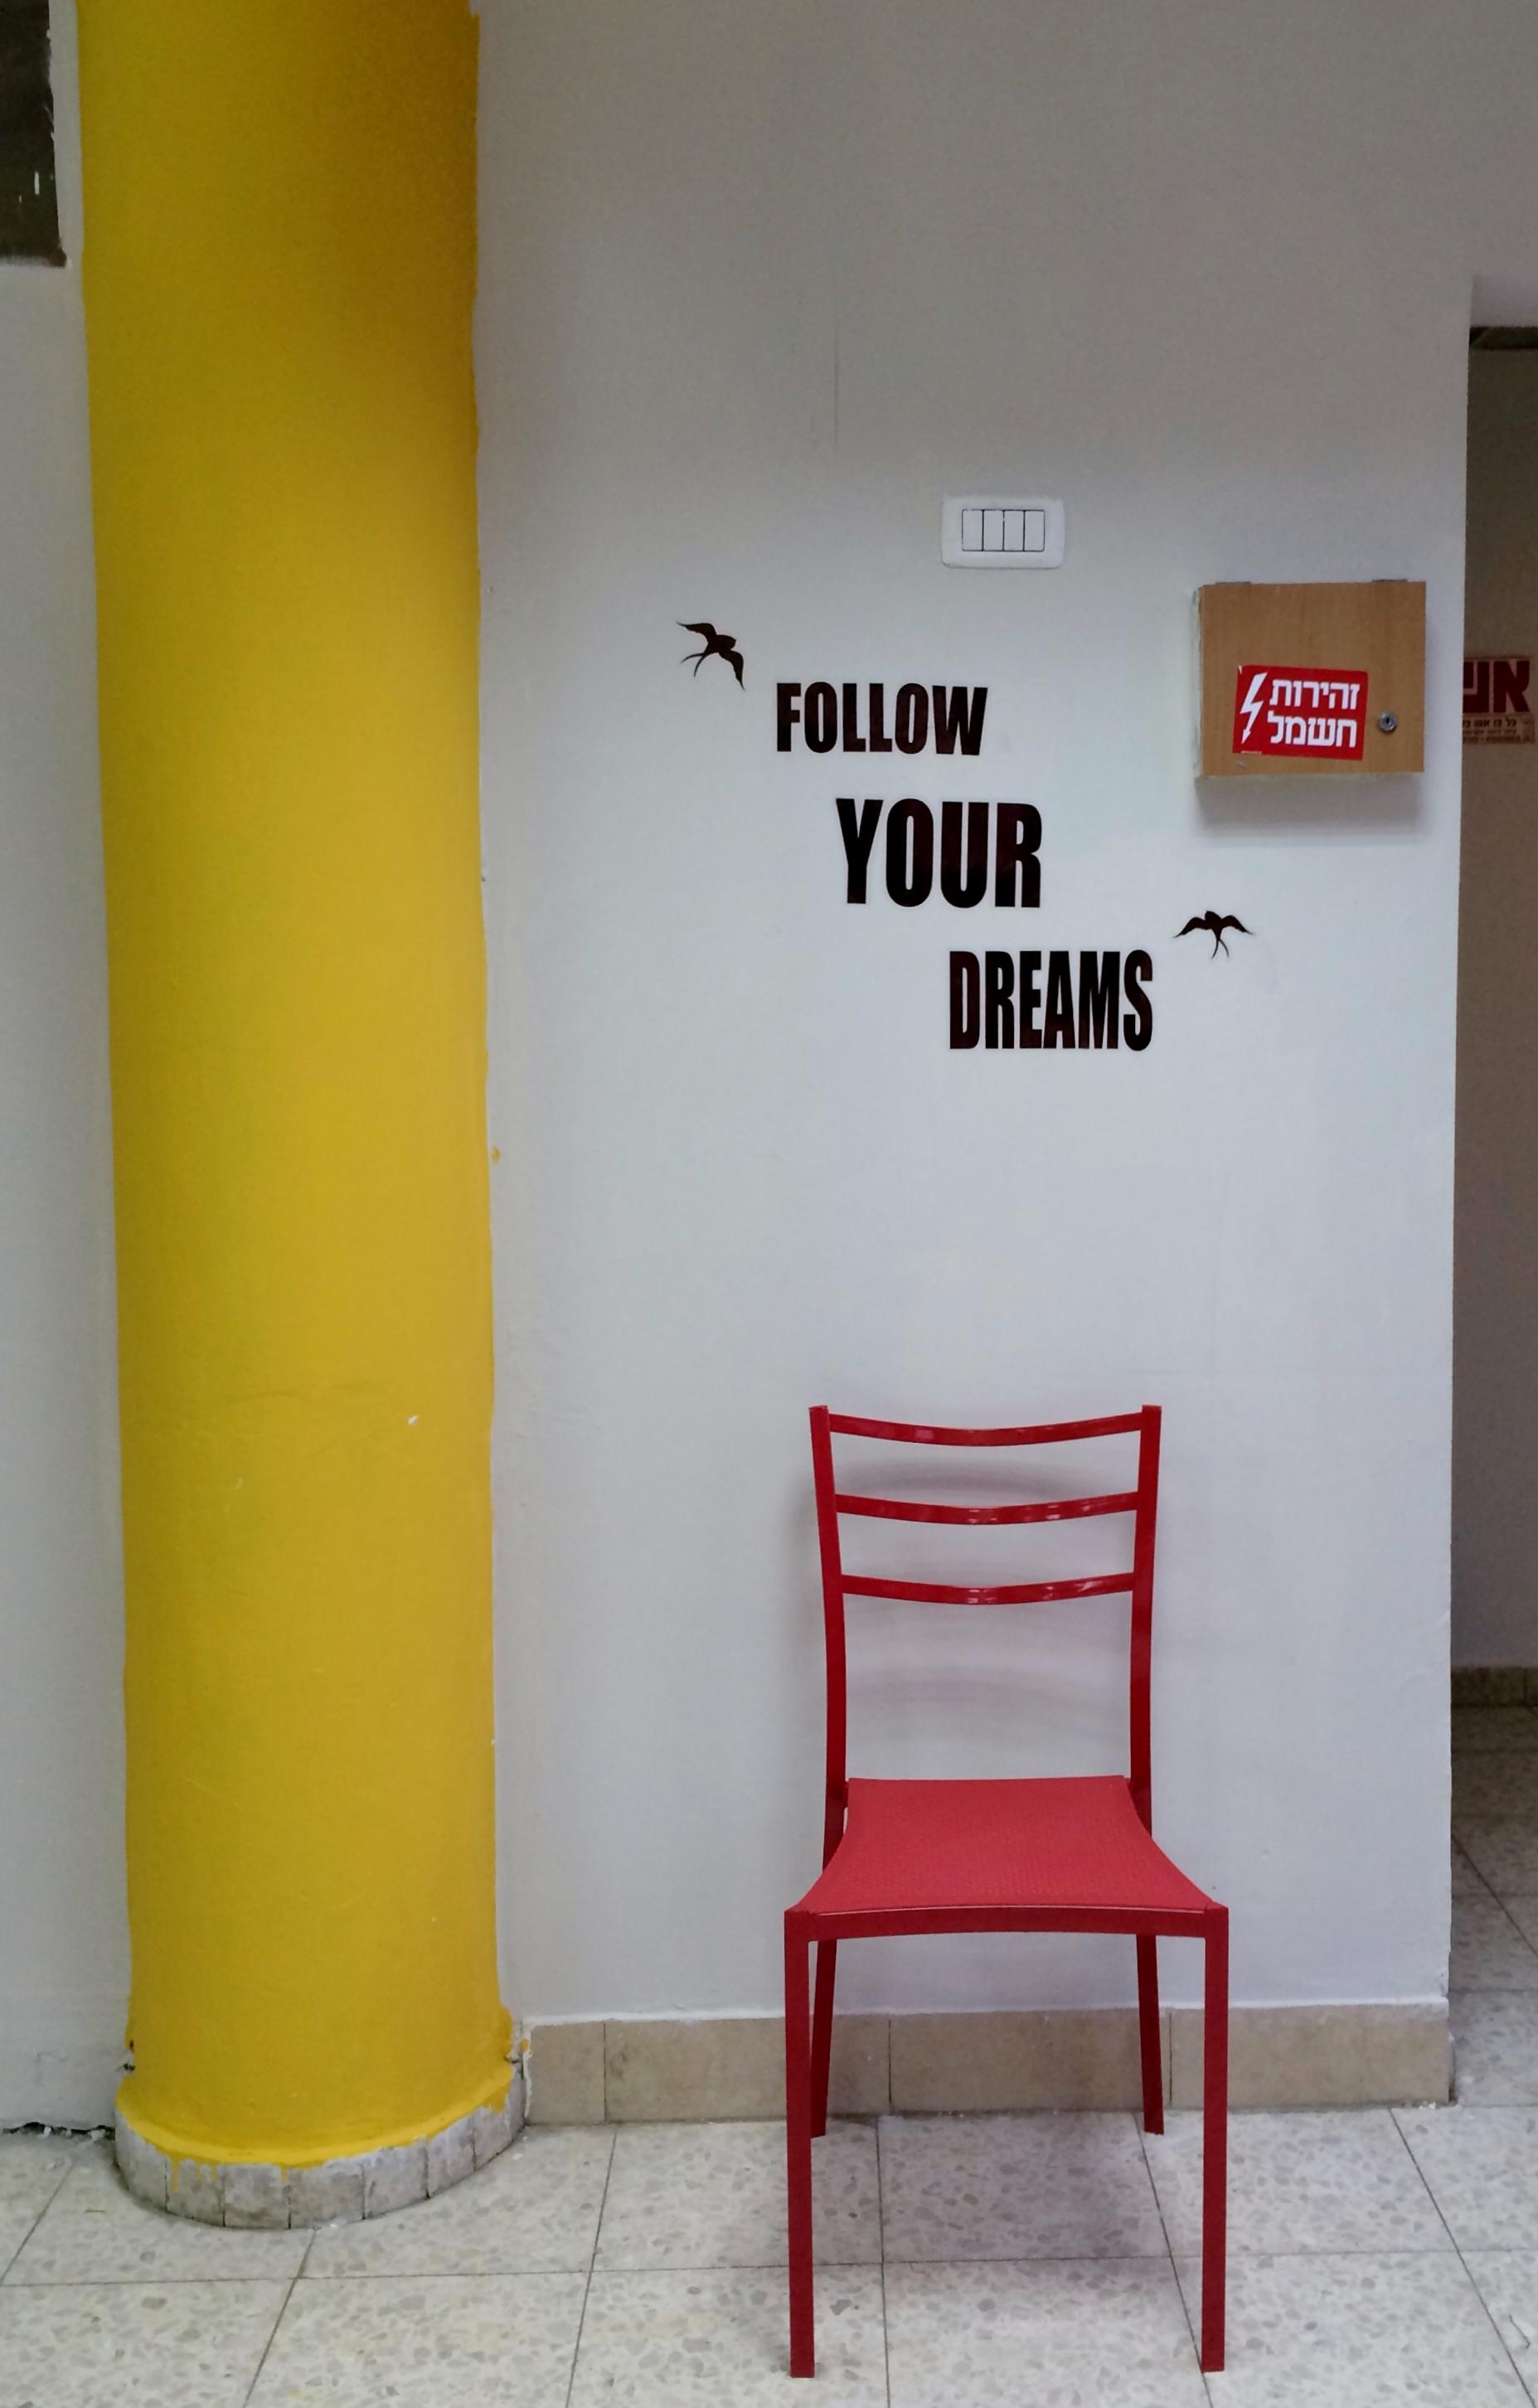 לא לשכוח לחלום!)